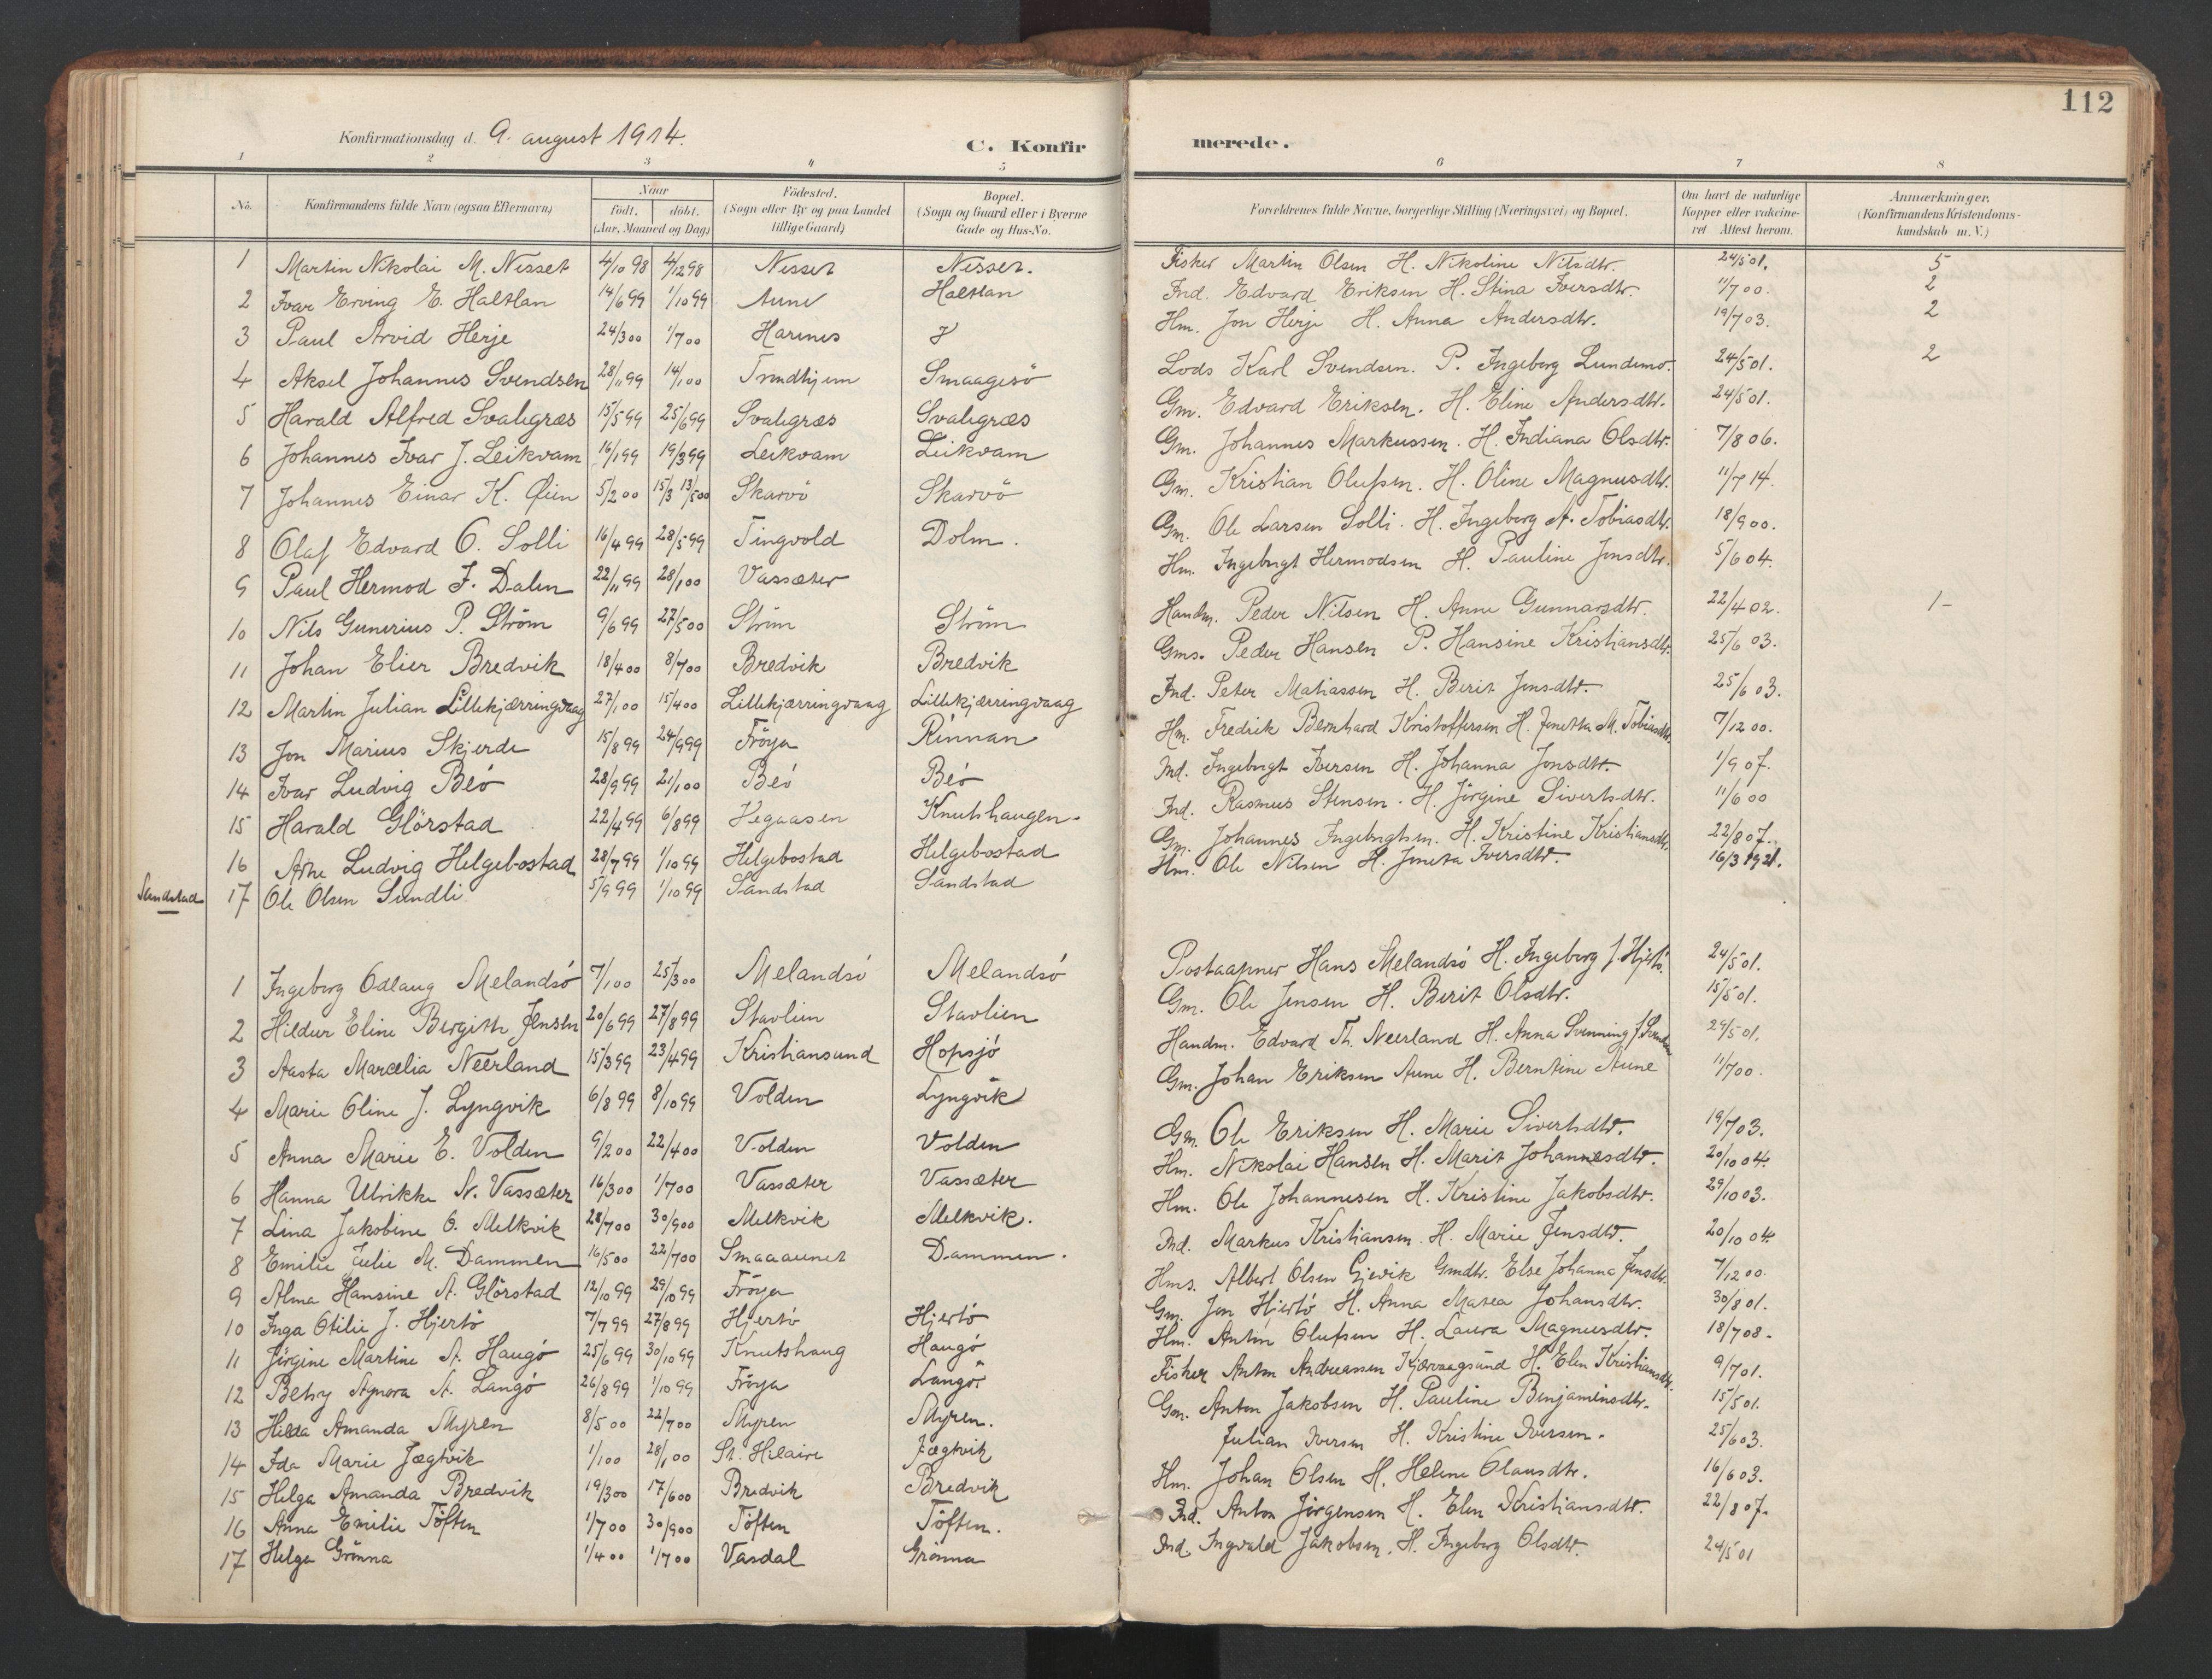 SAT, Ministerialprotokoller, klokkerbøker og fødselsregistre - Sør-Trøndelag, 634/L0537: Ministerialbok nr. 634A13, 1896-1922, s. 112